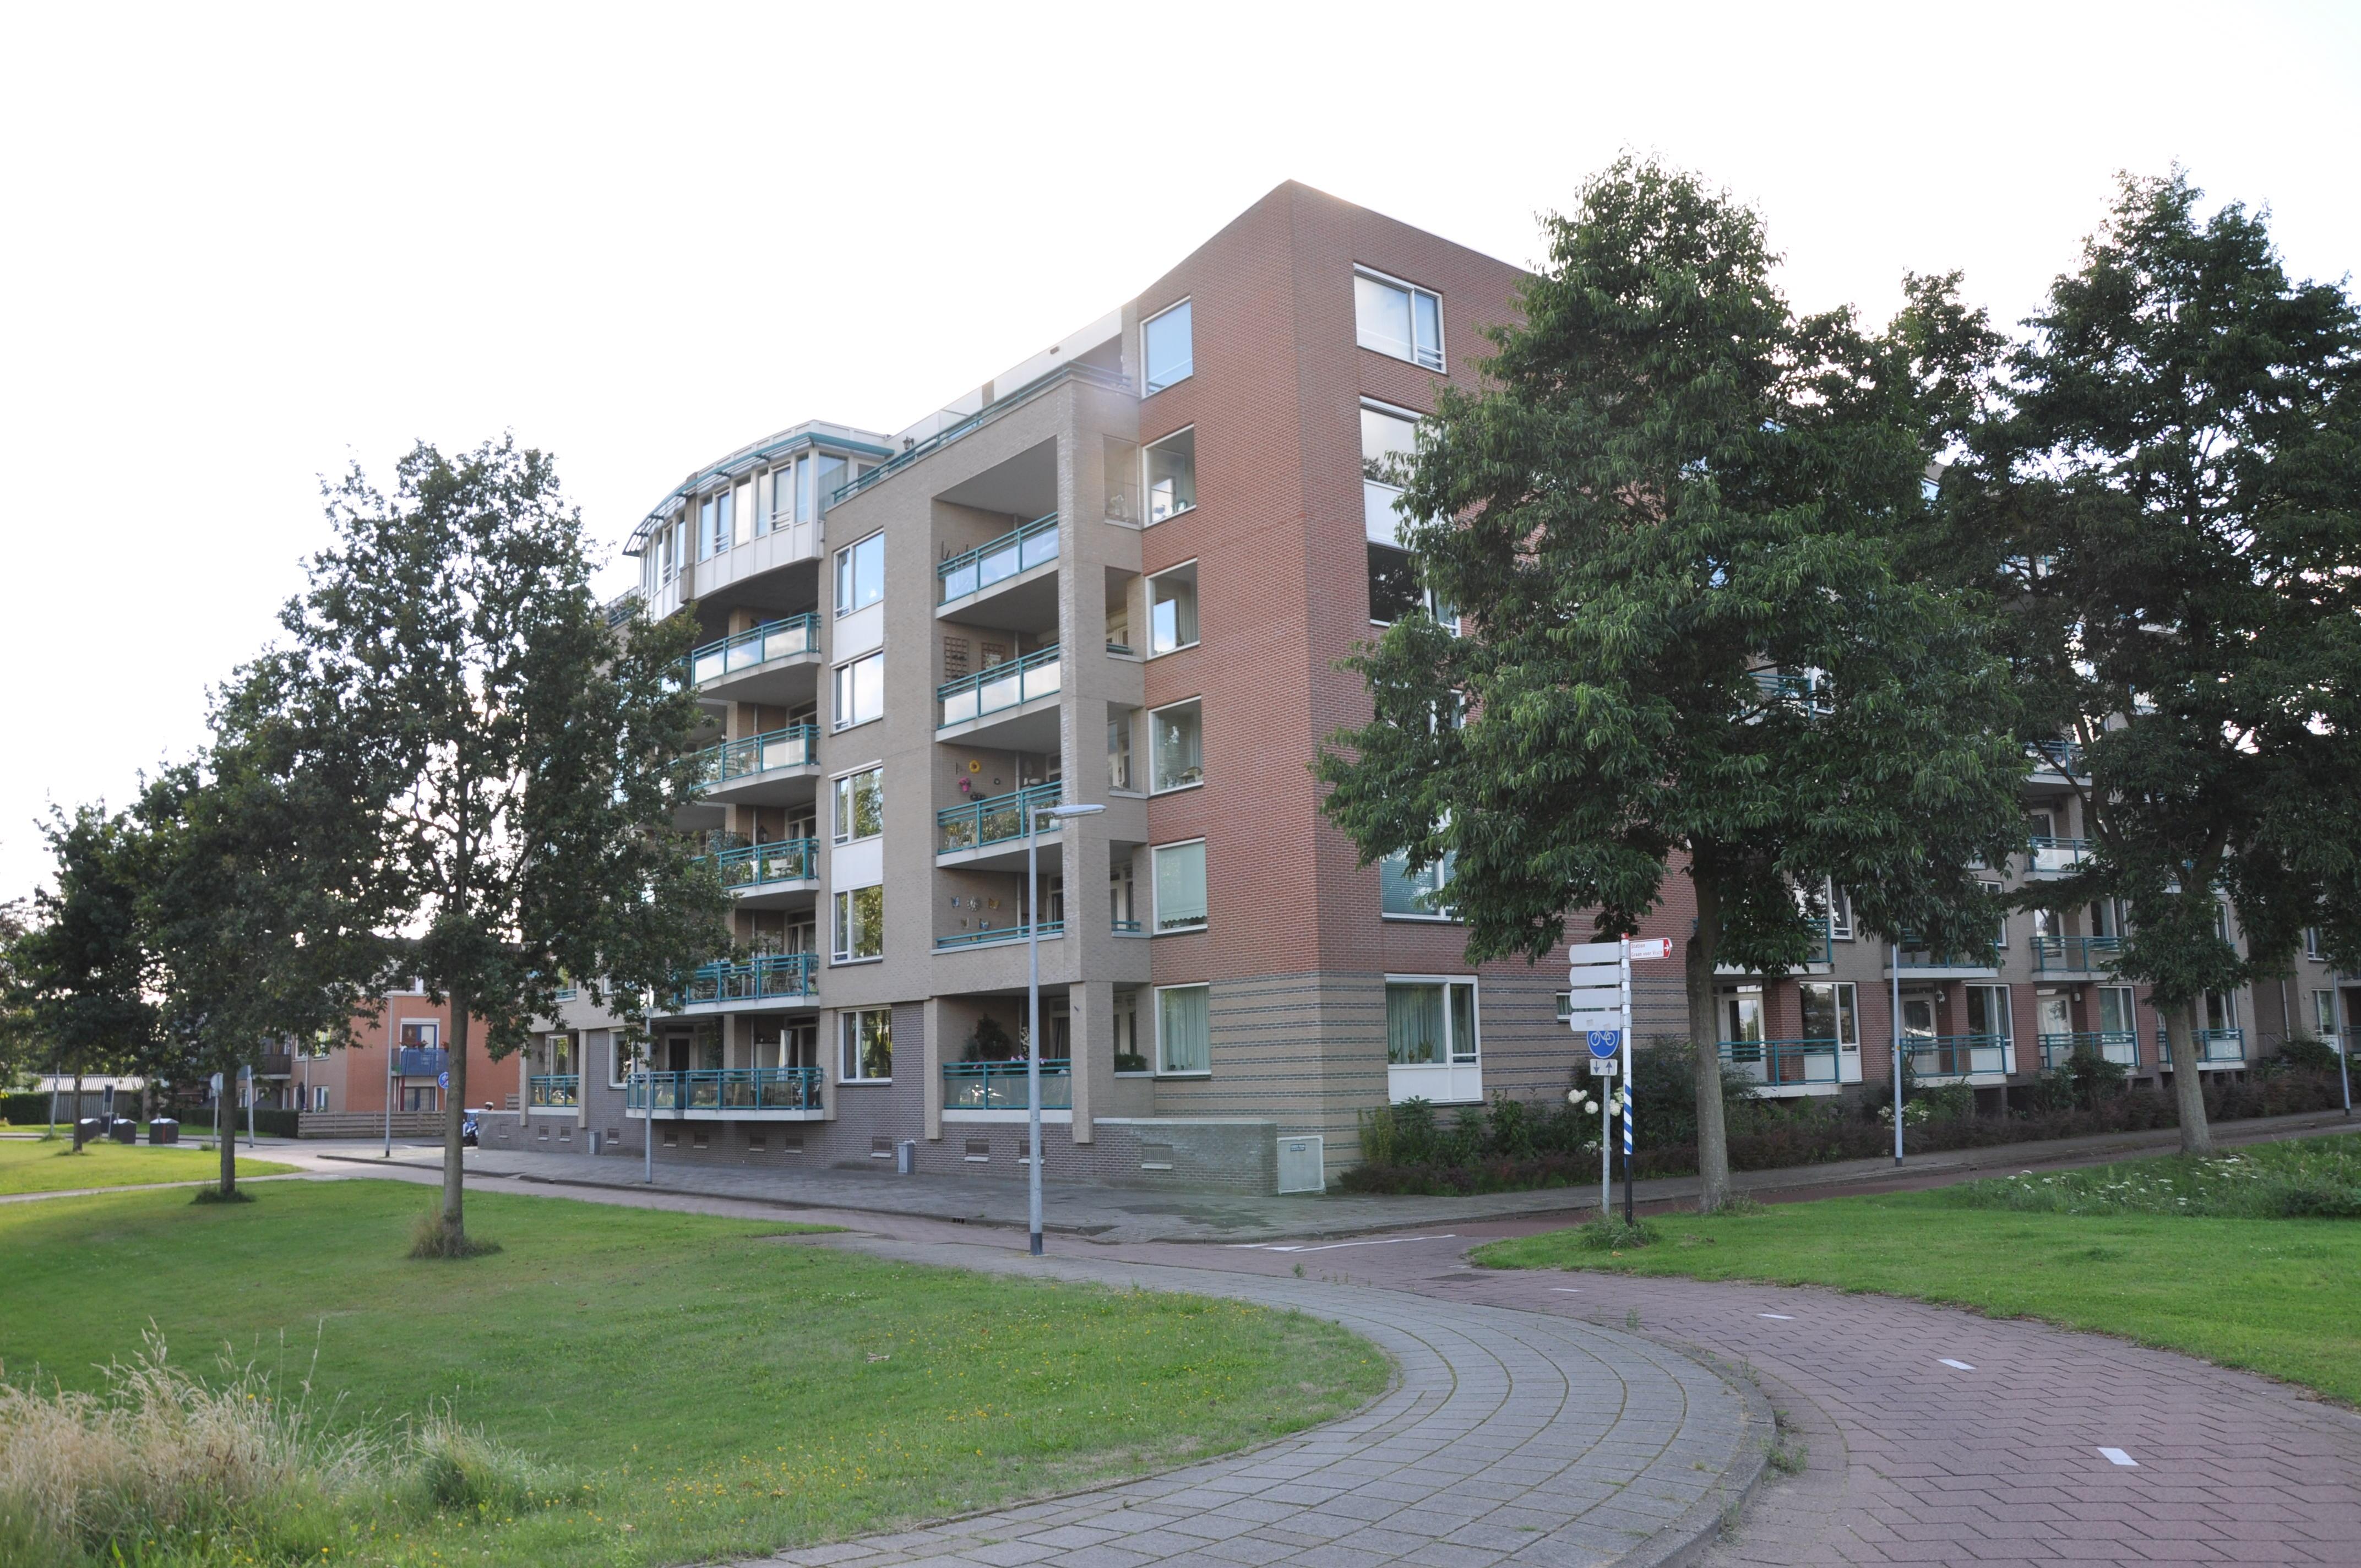 Irene Vorrinkstraat, Hoofddorp